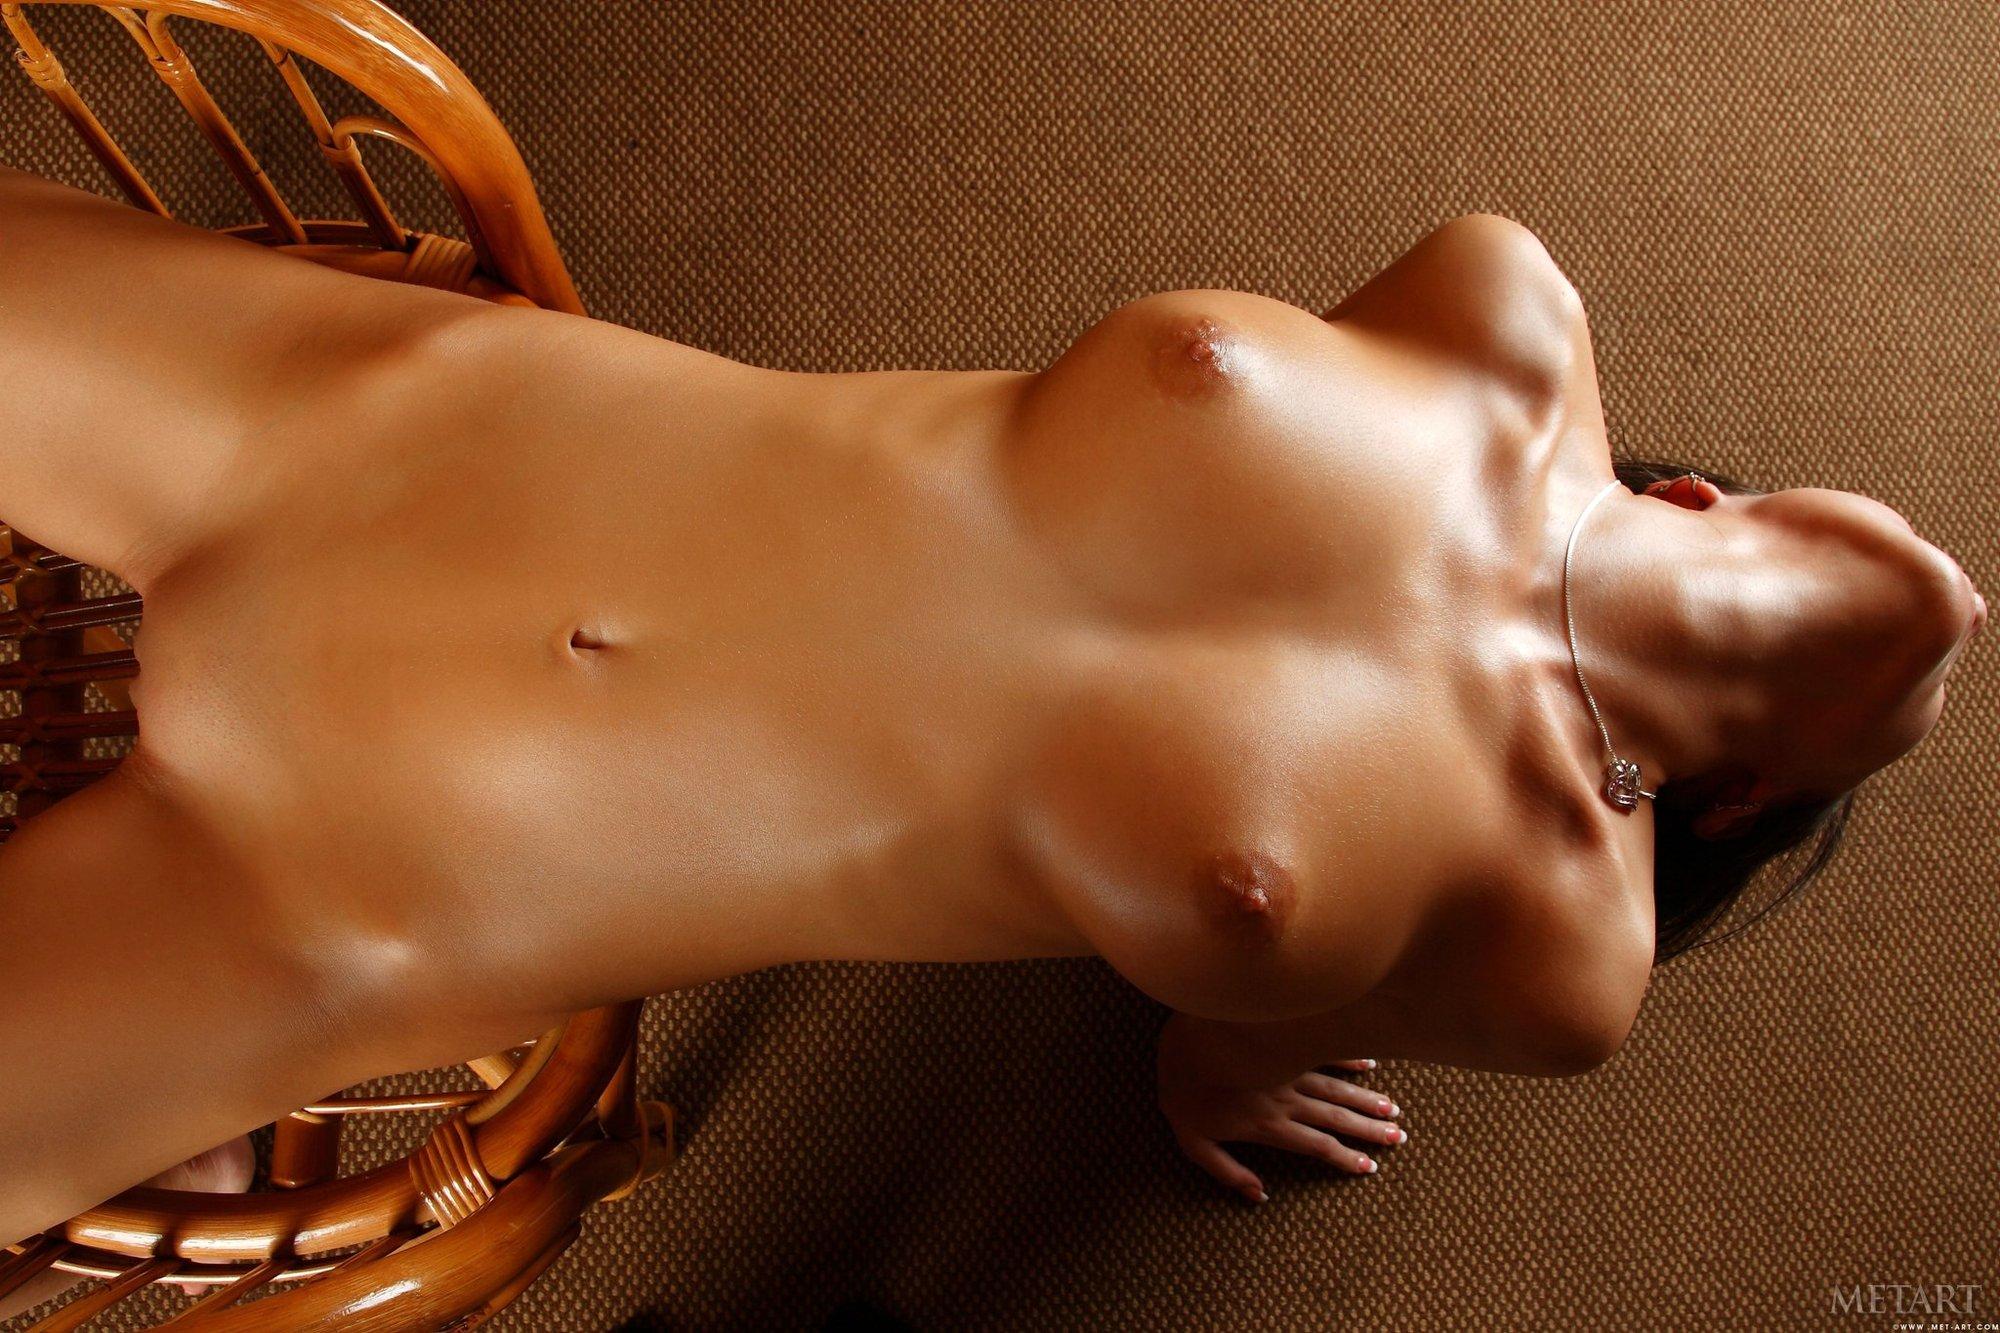 обнаженное женское тело эротика